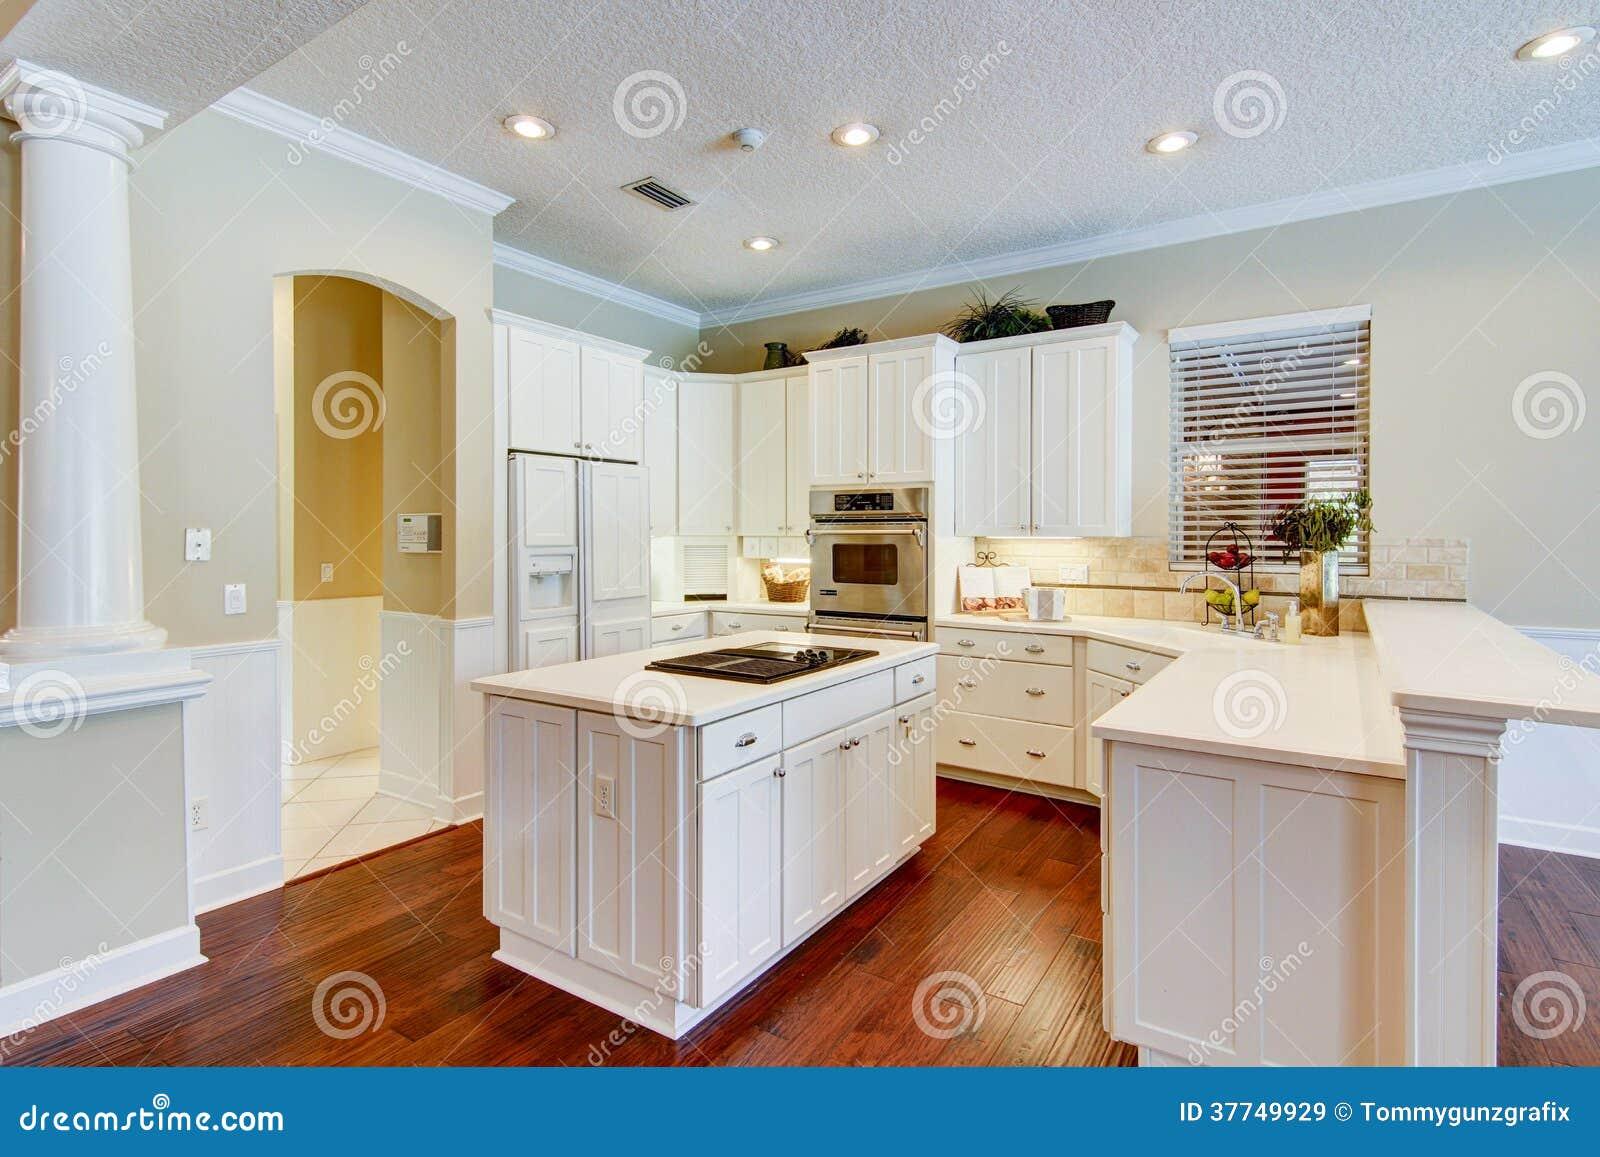 Cozinha Moderna Imagem De Stock Imagem De Assoalho Arm Rios 37749929